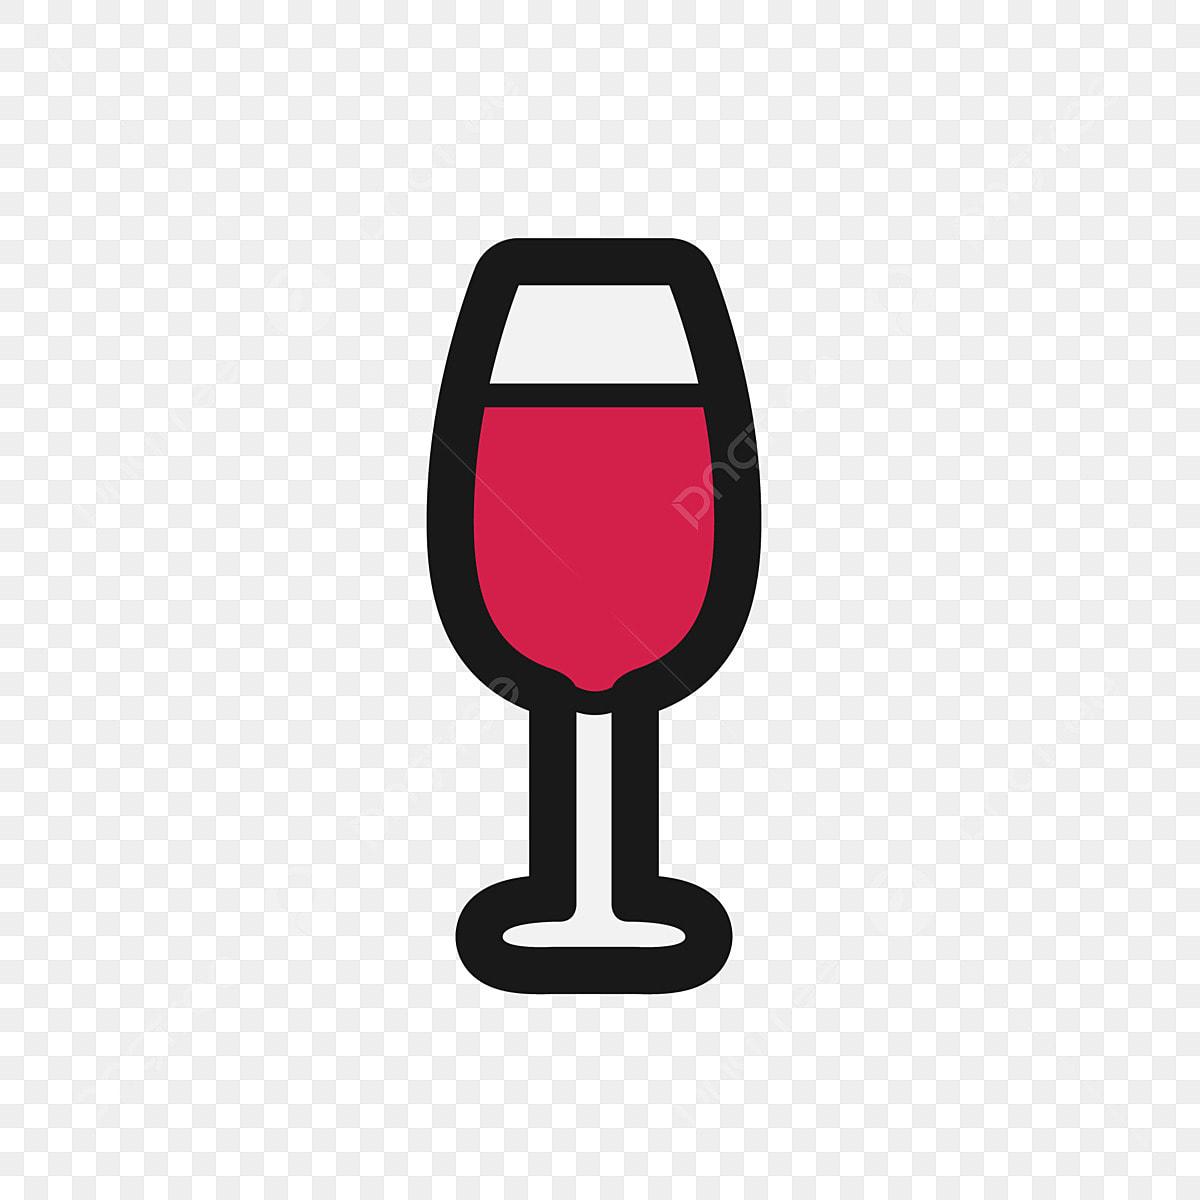 無料ダウンロードのための傾倒ワイン ワイン ワイン 杯png画像素材